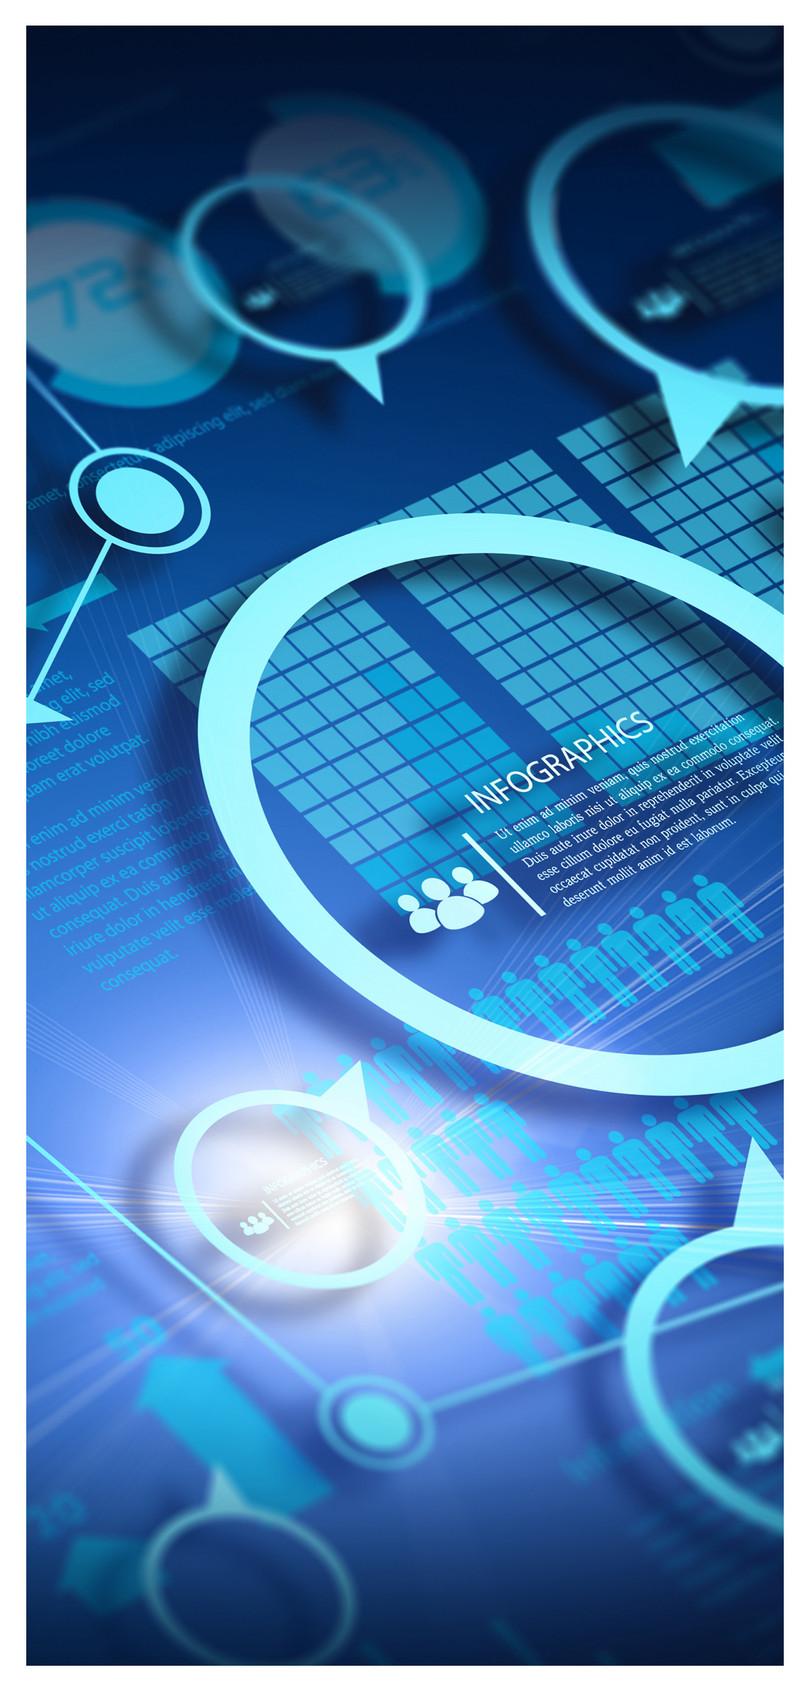 ブルーテクノロジーの背景モバイル壁紙イメージ 背景 Id 400487383 Prf